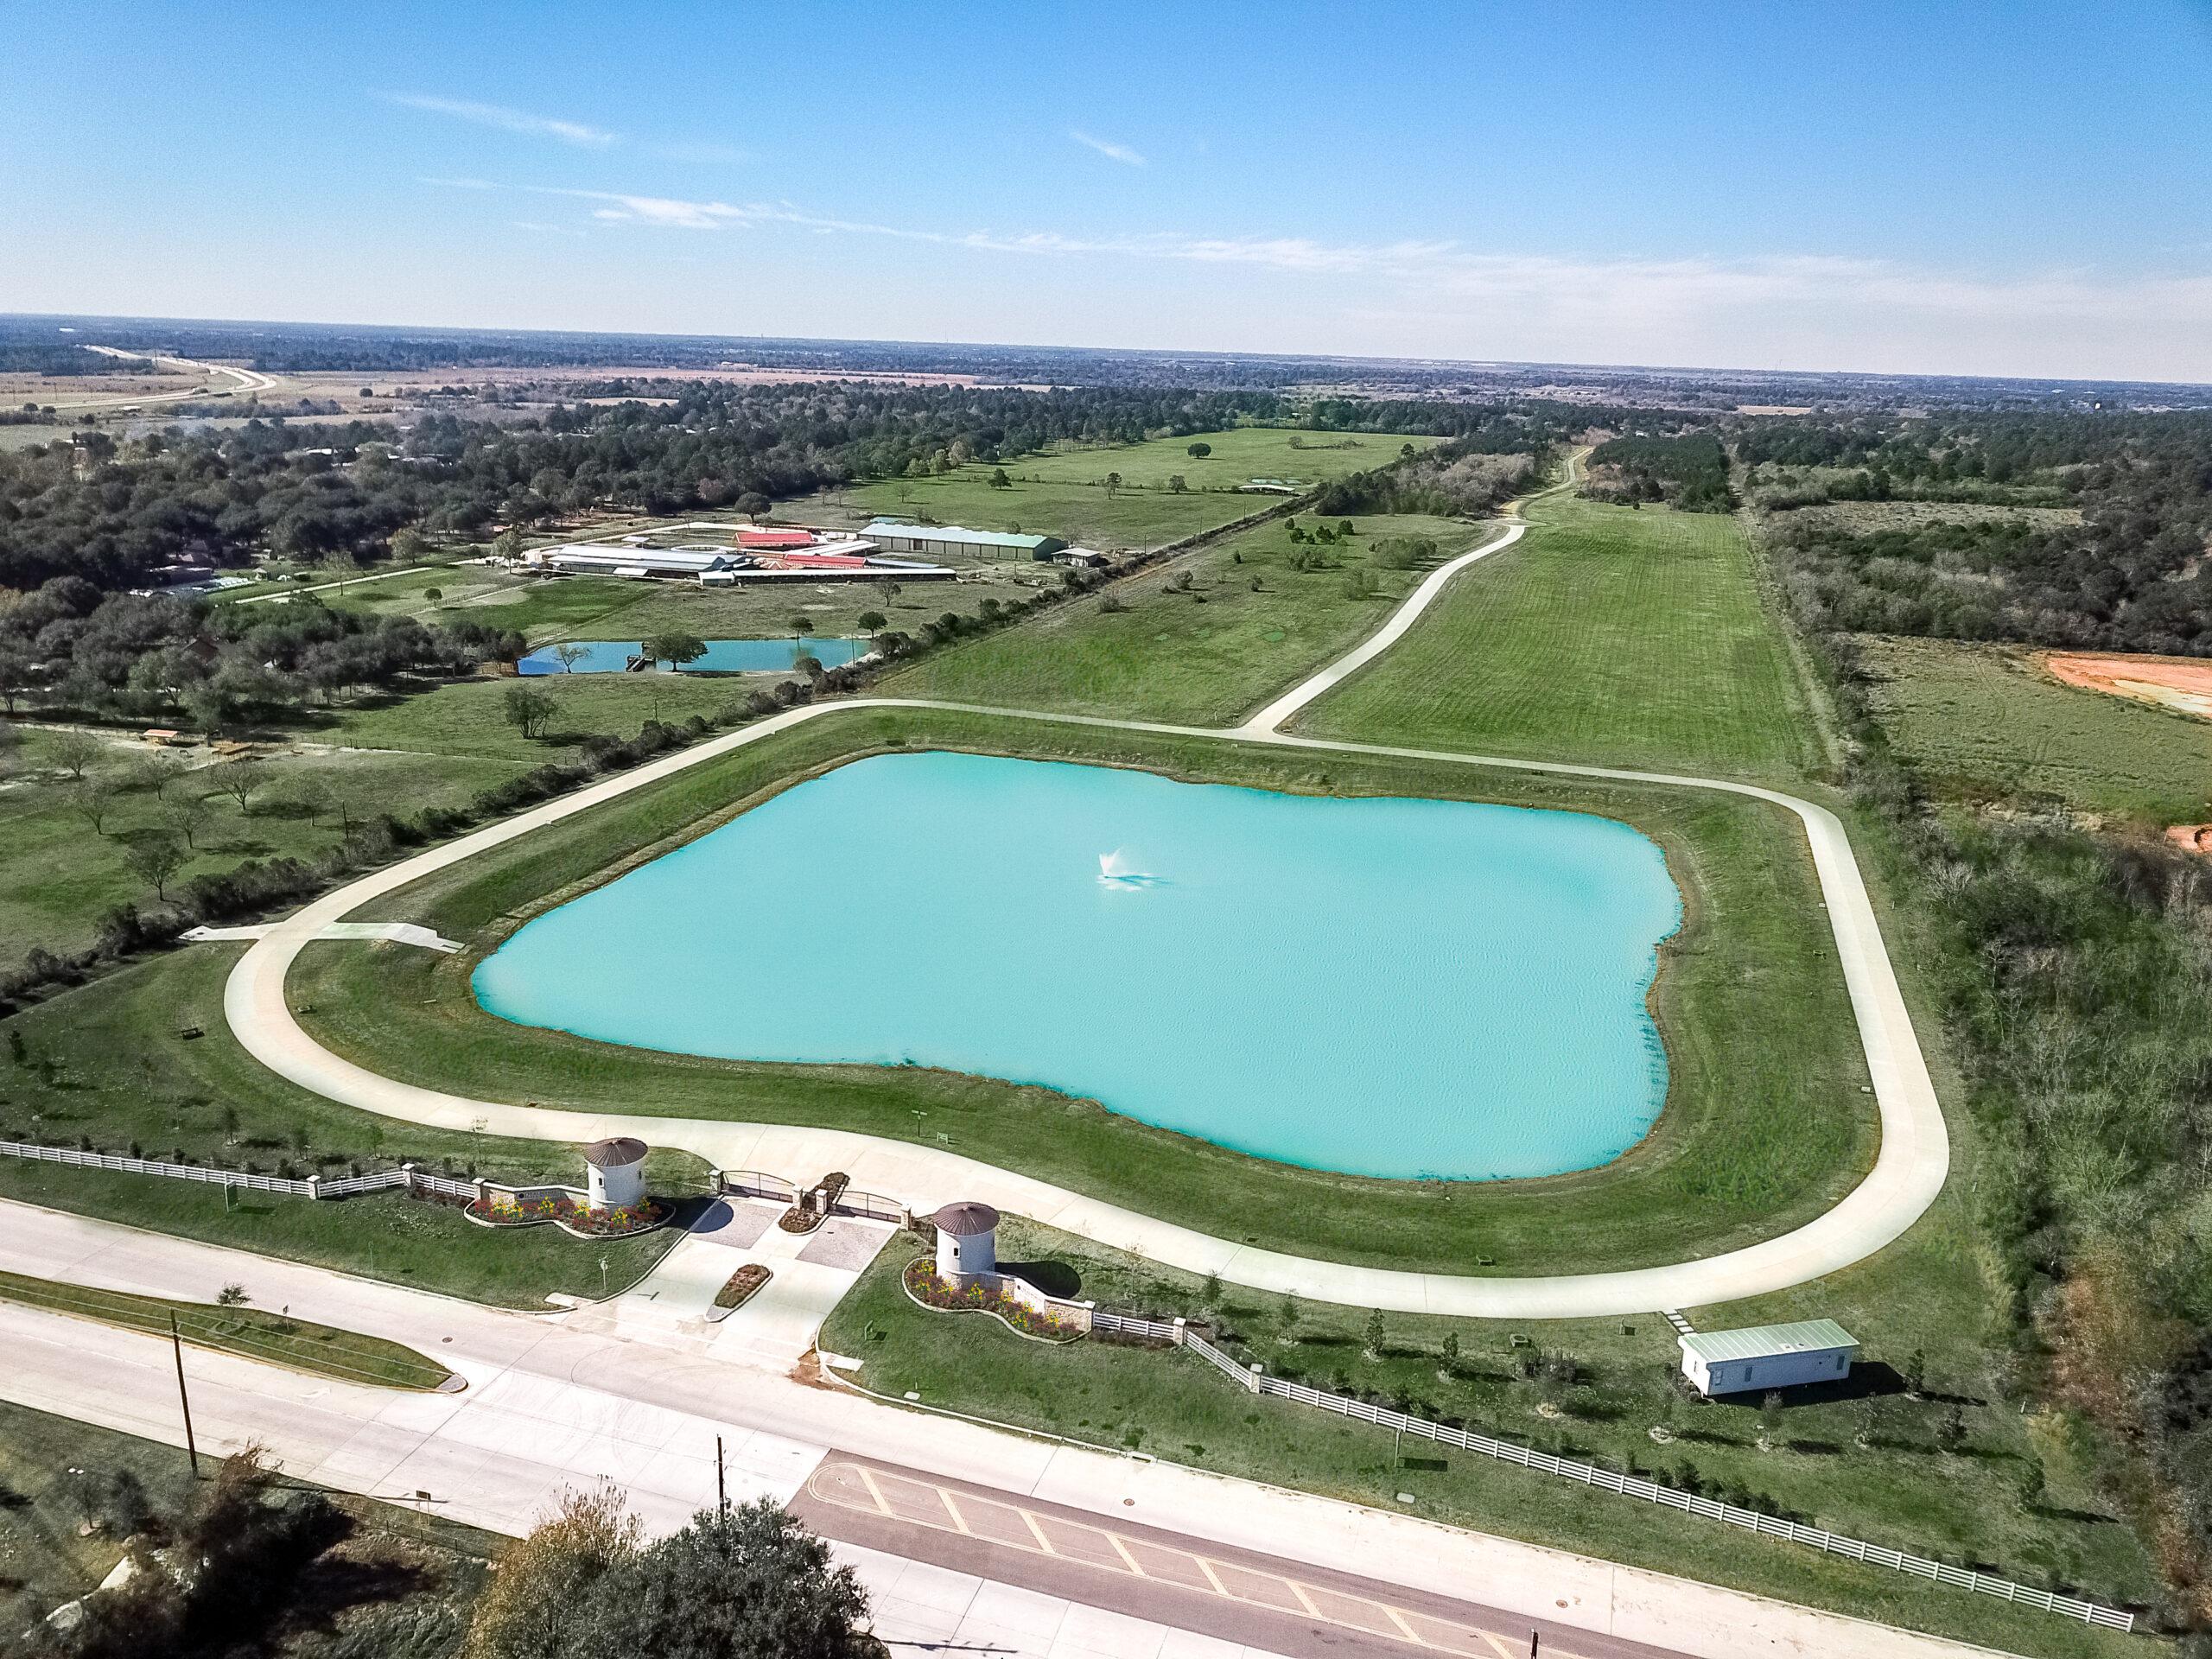 Tealpointe Lake Estates - Aerial View